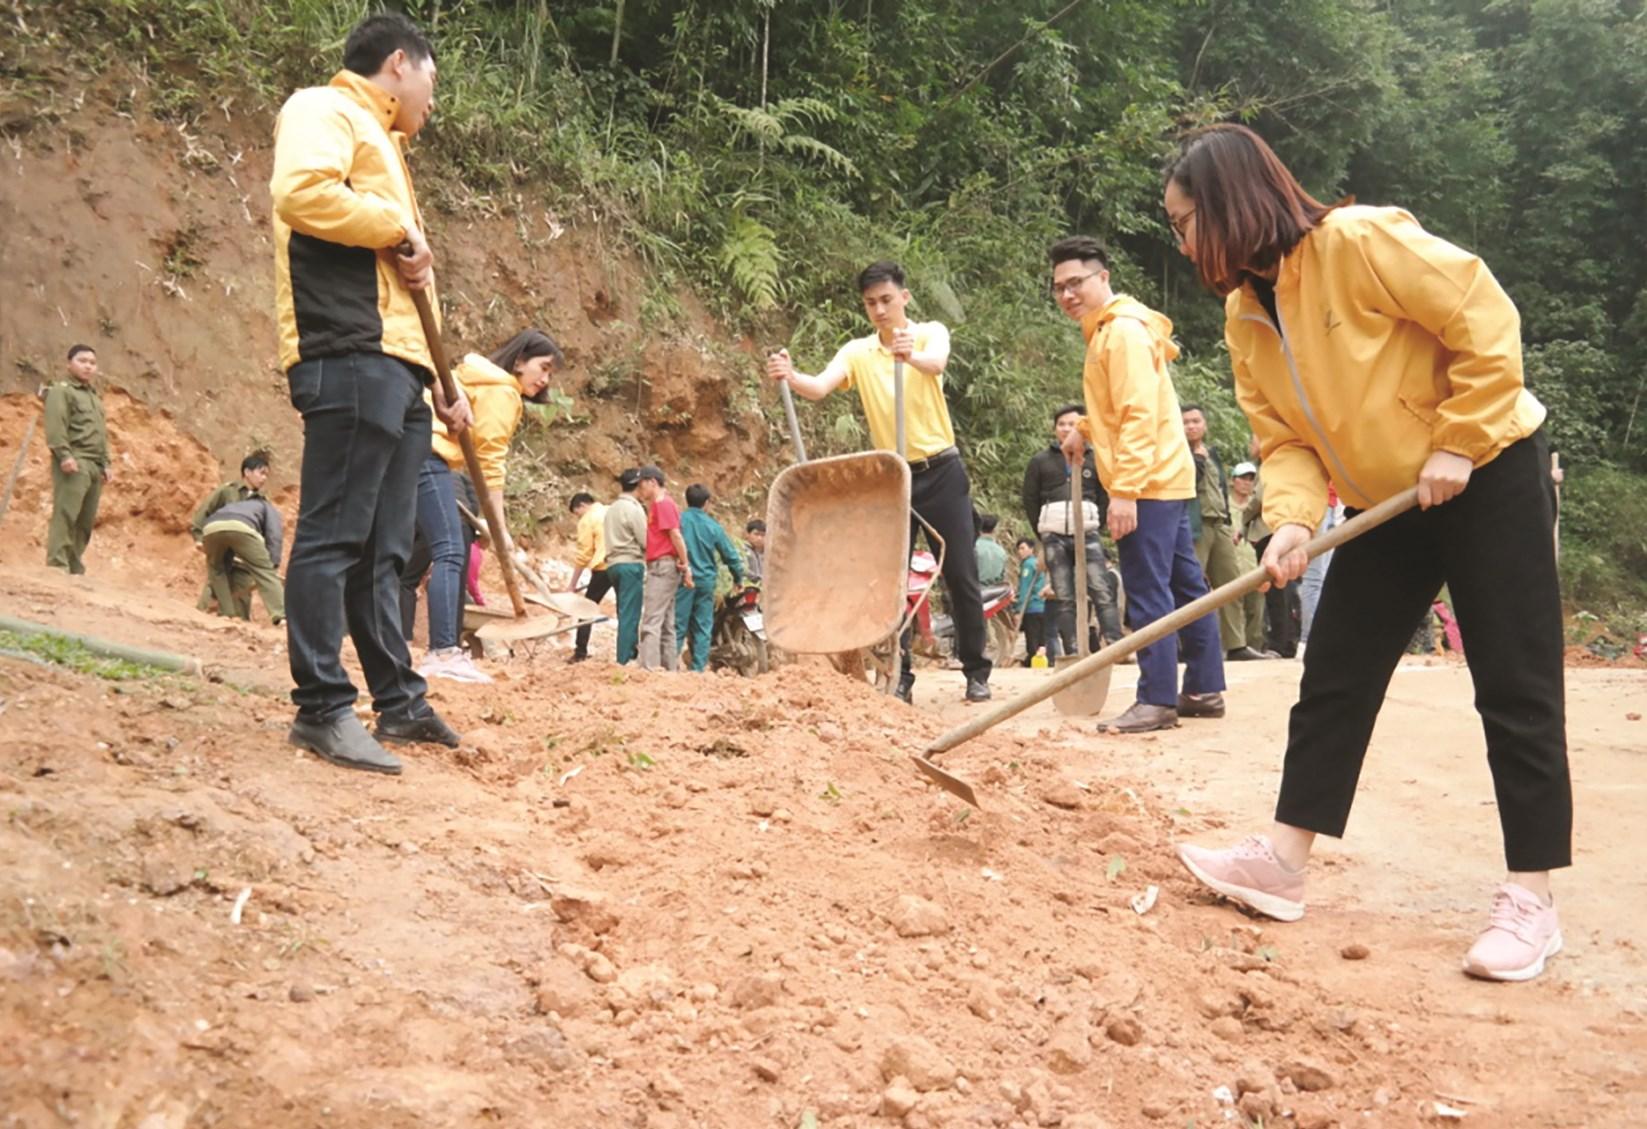 Cán bộ, nhân viên Bưu điện tỉnh Lào Cai đắp lề đường giao thông nông thôn tại tuyến đường thôn Làng Cù, xã Bản Cái, huyện Bắc Hà